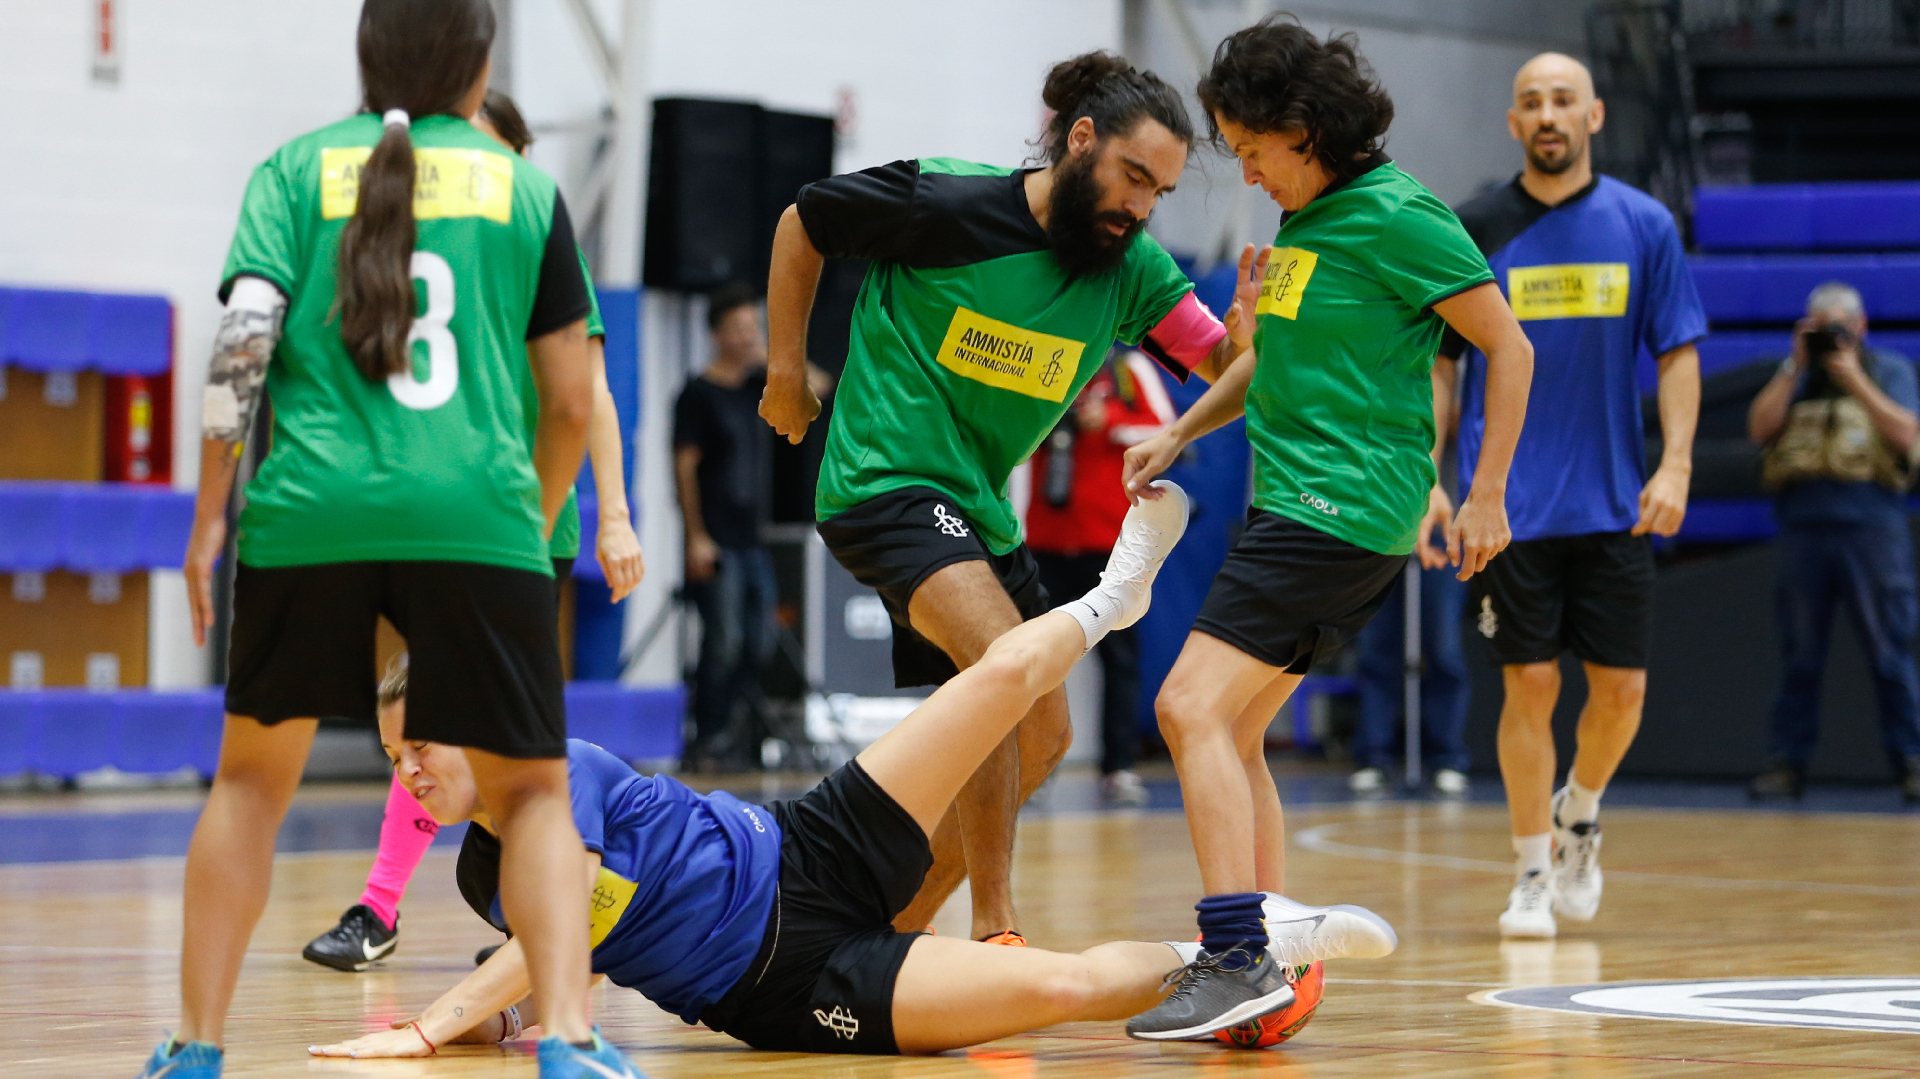 """Juan Pablo Sorín participó del evento """"Fútbol mixto por a igualdad"""" (Nicolás Aboaf)"""